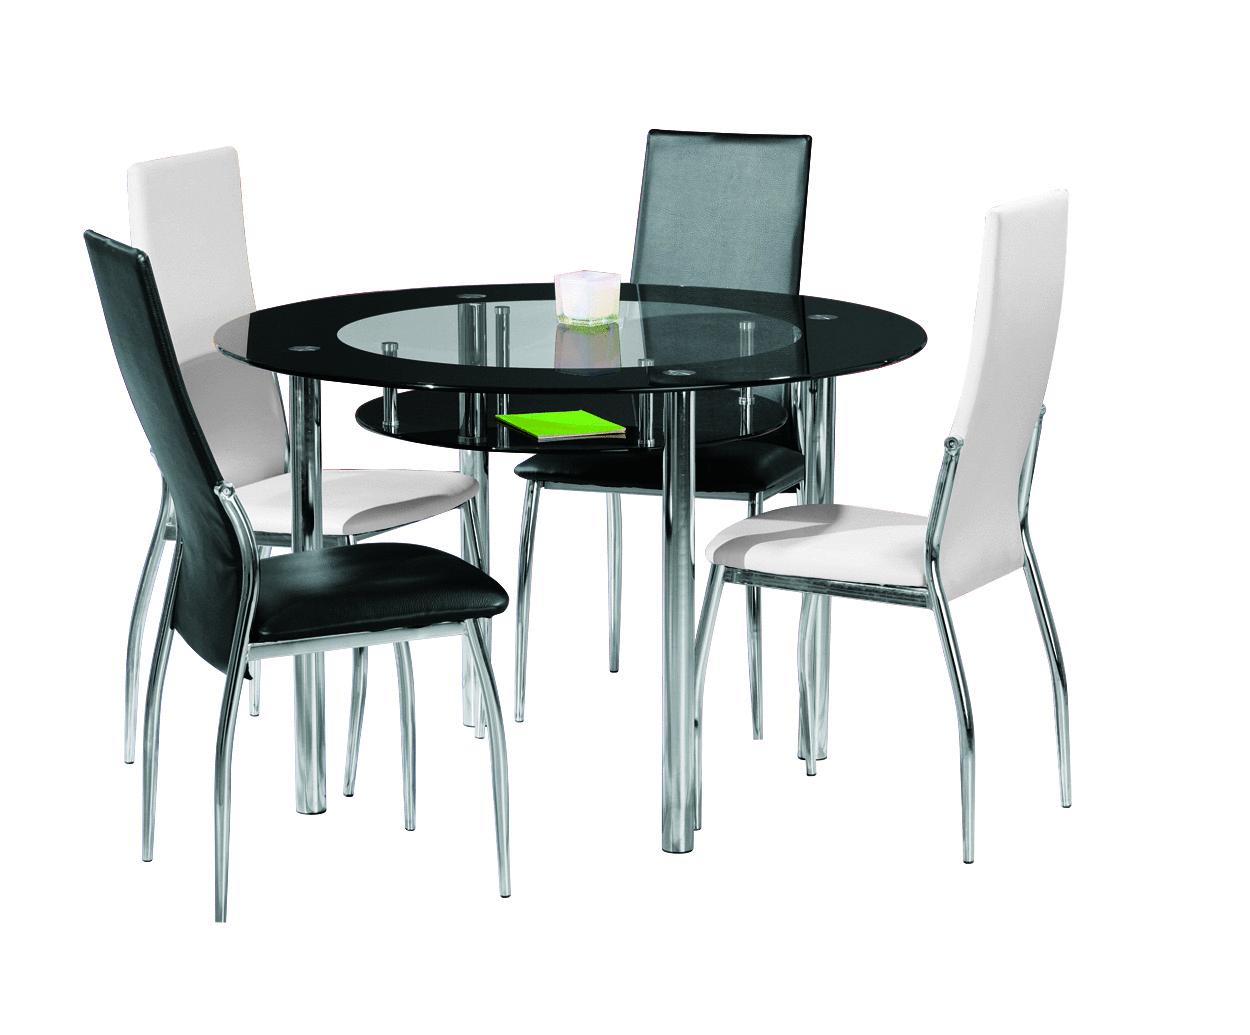 Glass tavolo moderno in vetro tavolo in due modelli per - Tavolo cucina moderno ...